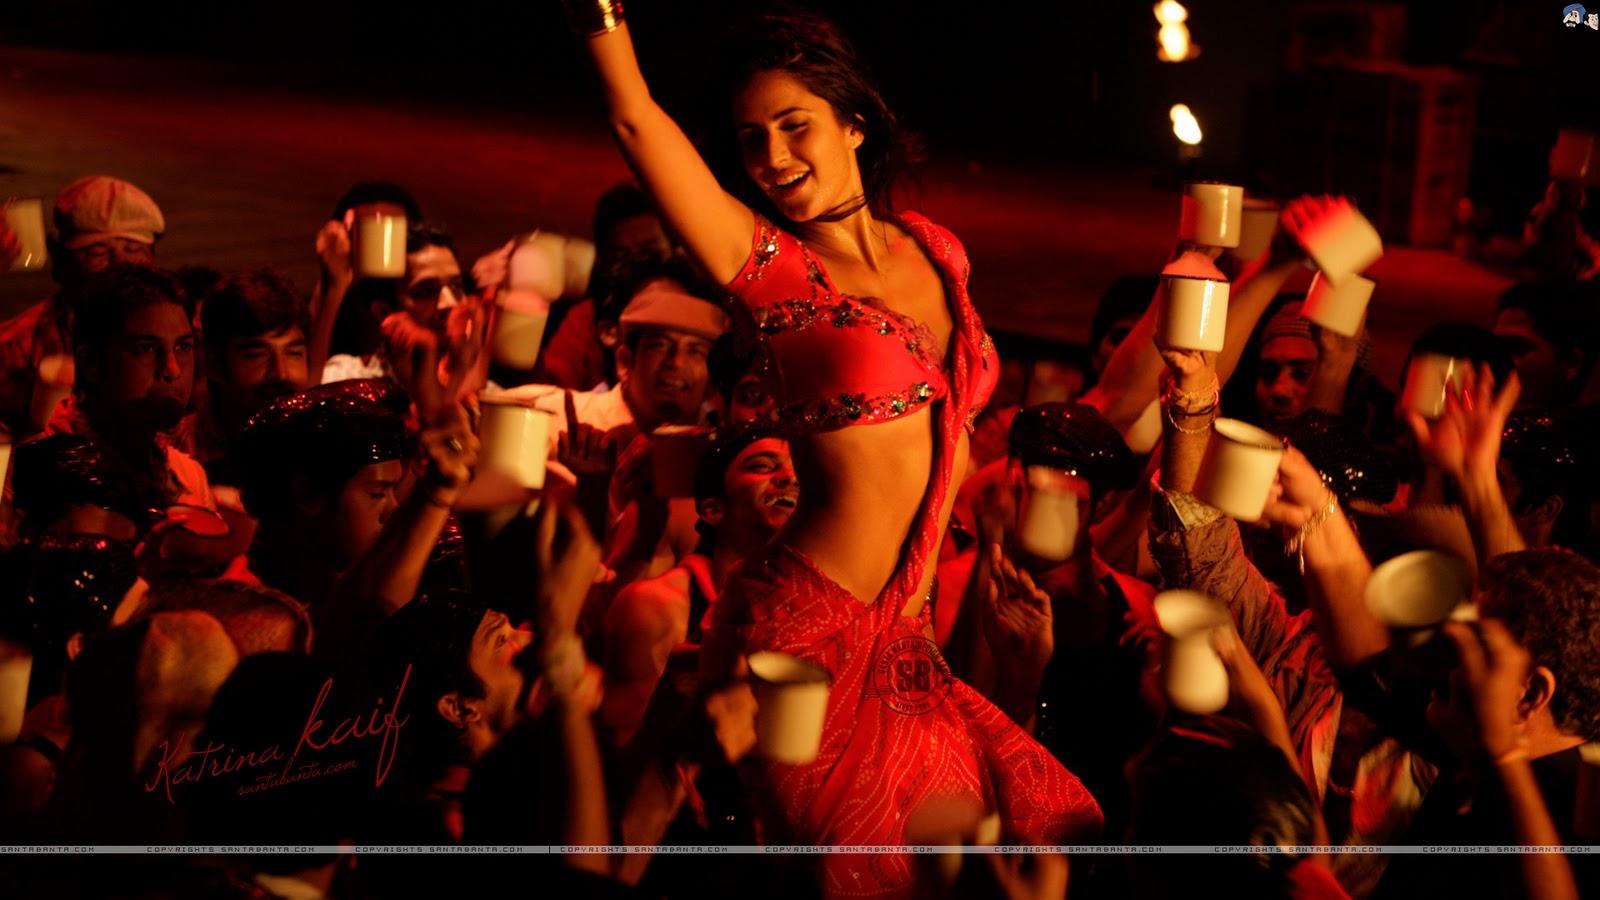 Katrina Kaif's New Sexy Look